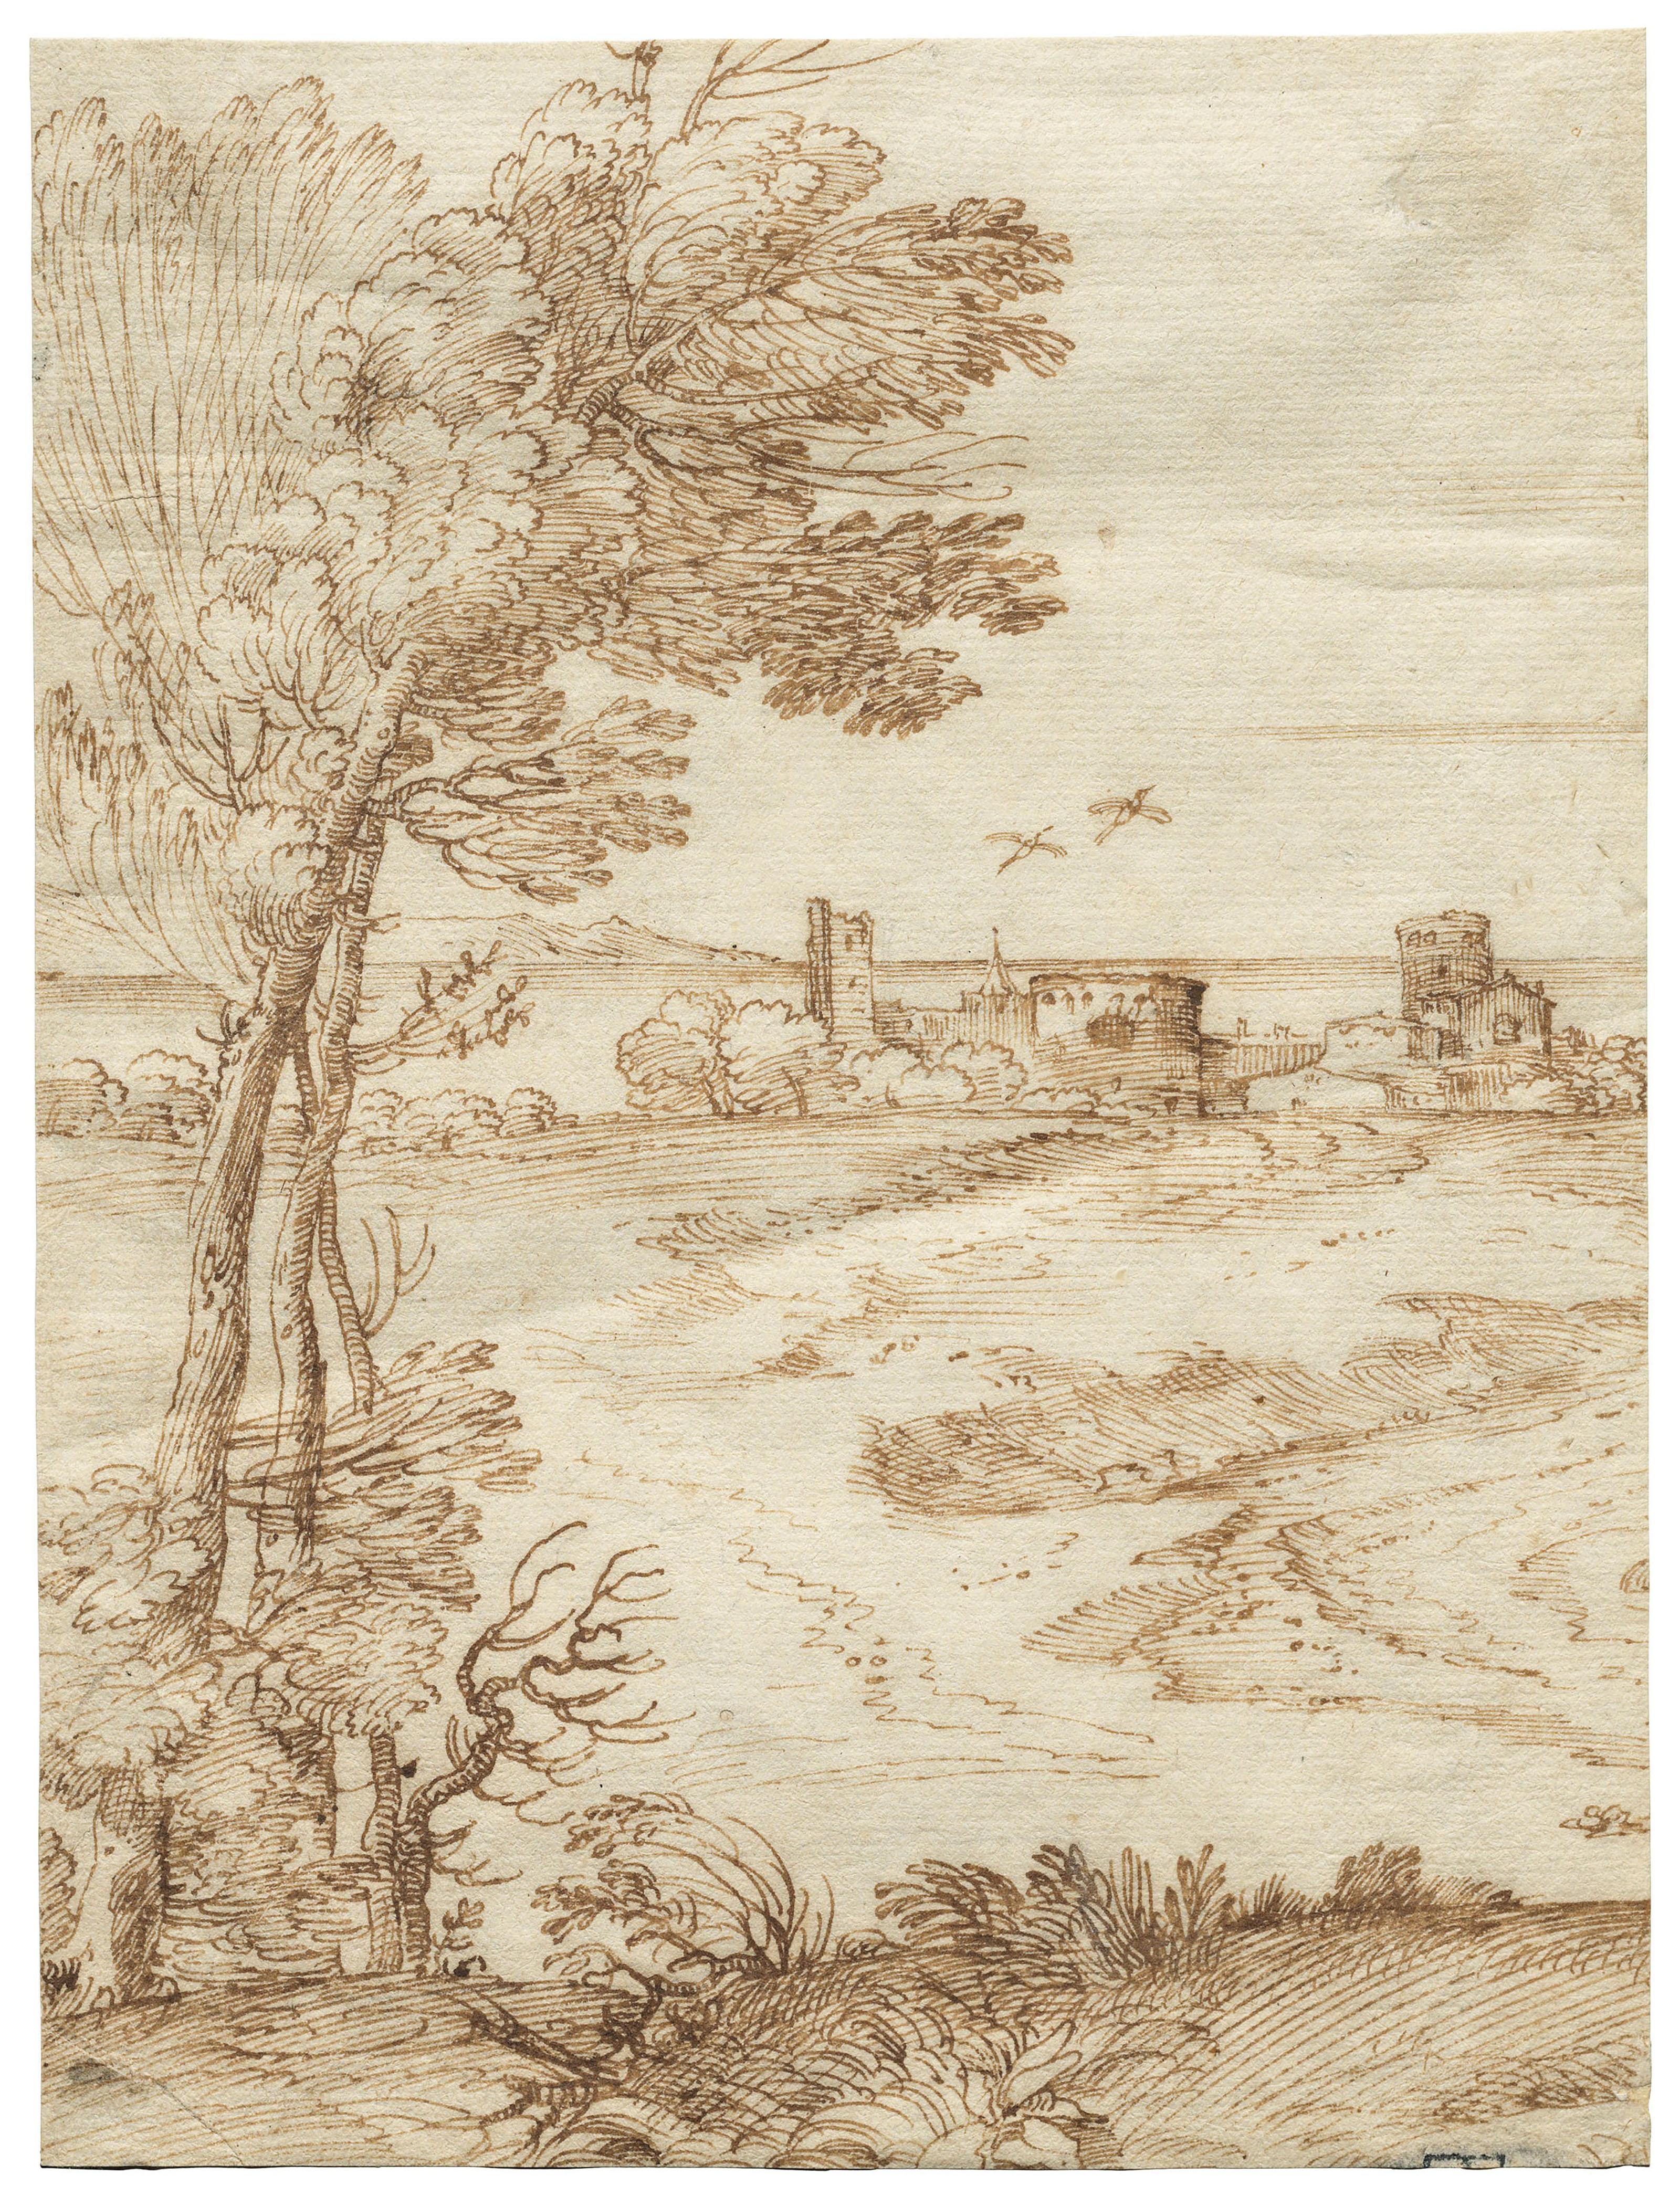 Attributed to Giovanni Francesco Grimaldi, called Il Bolognese (Bologna 1606-1680 Rome)